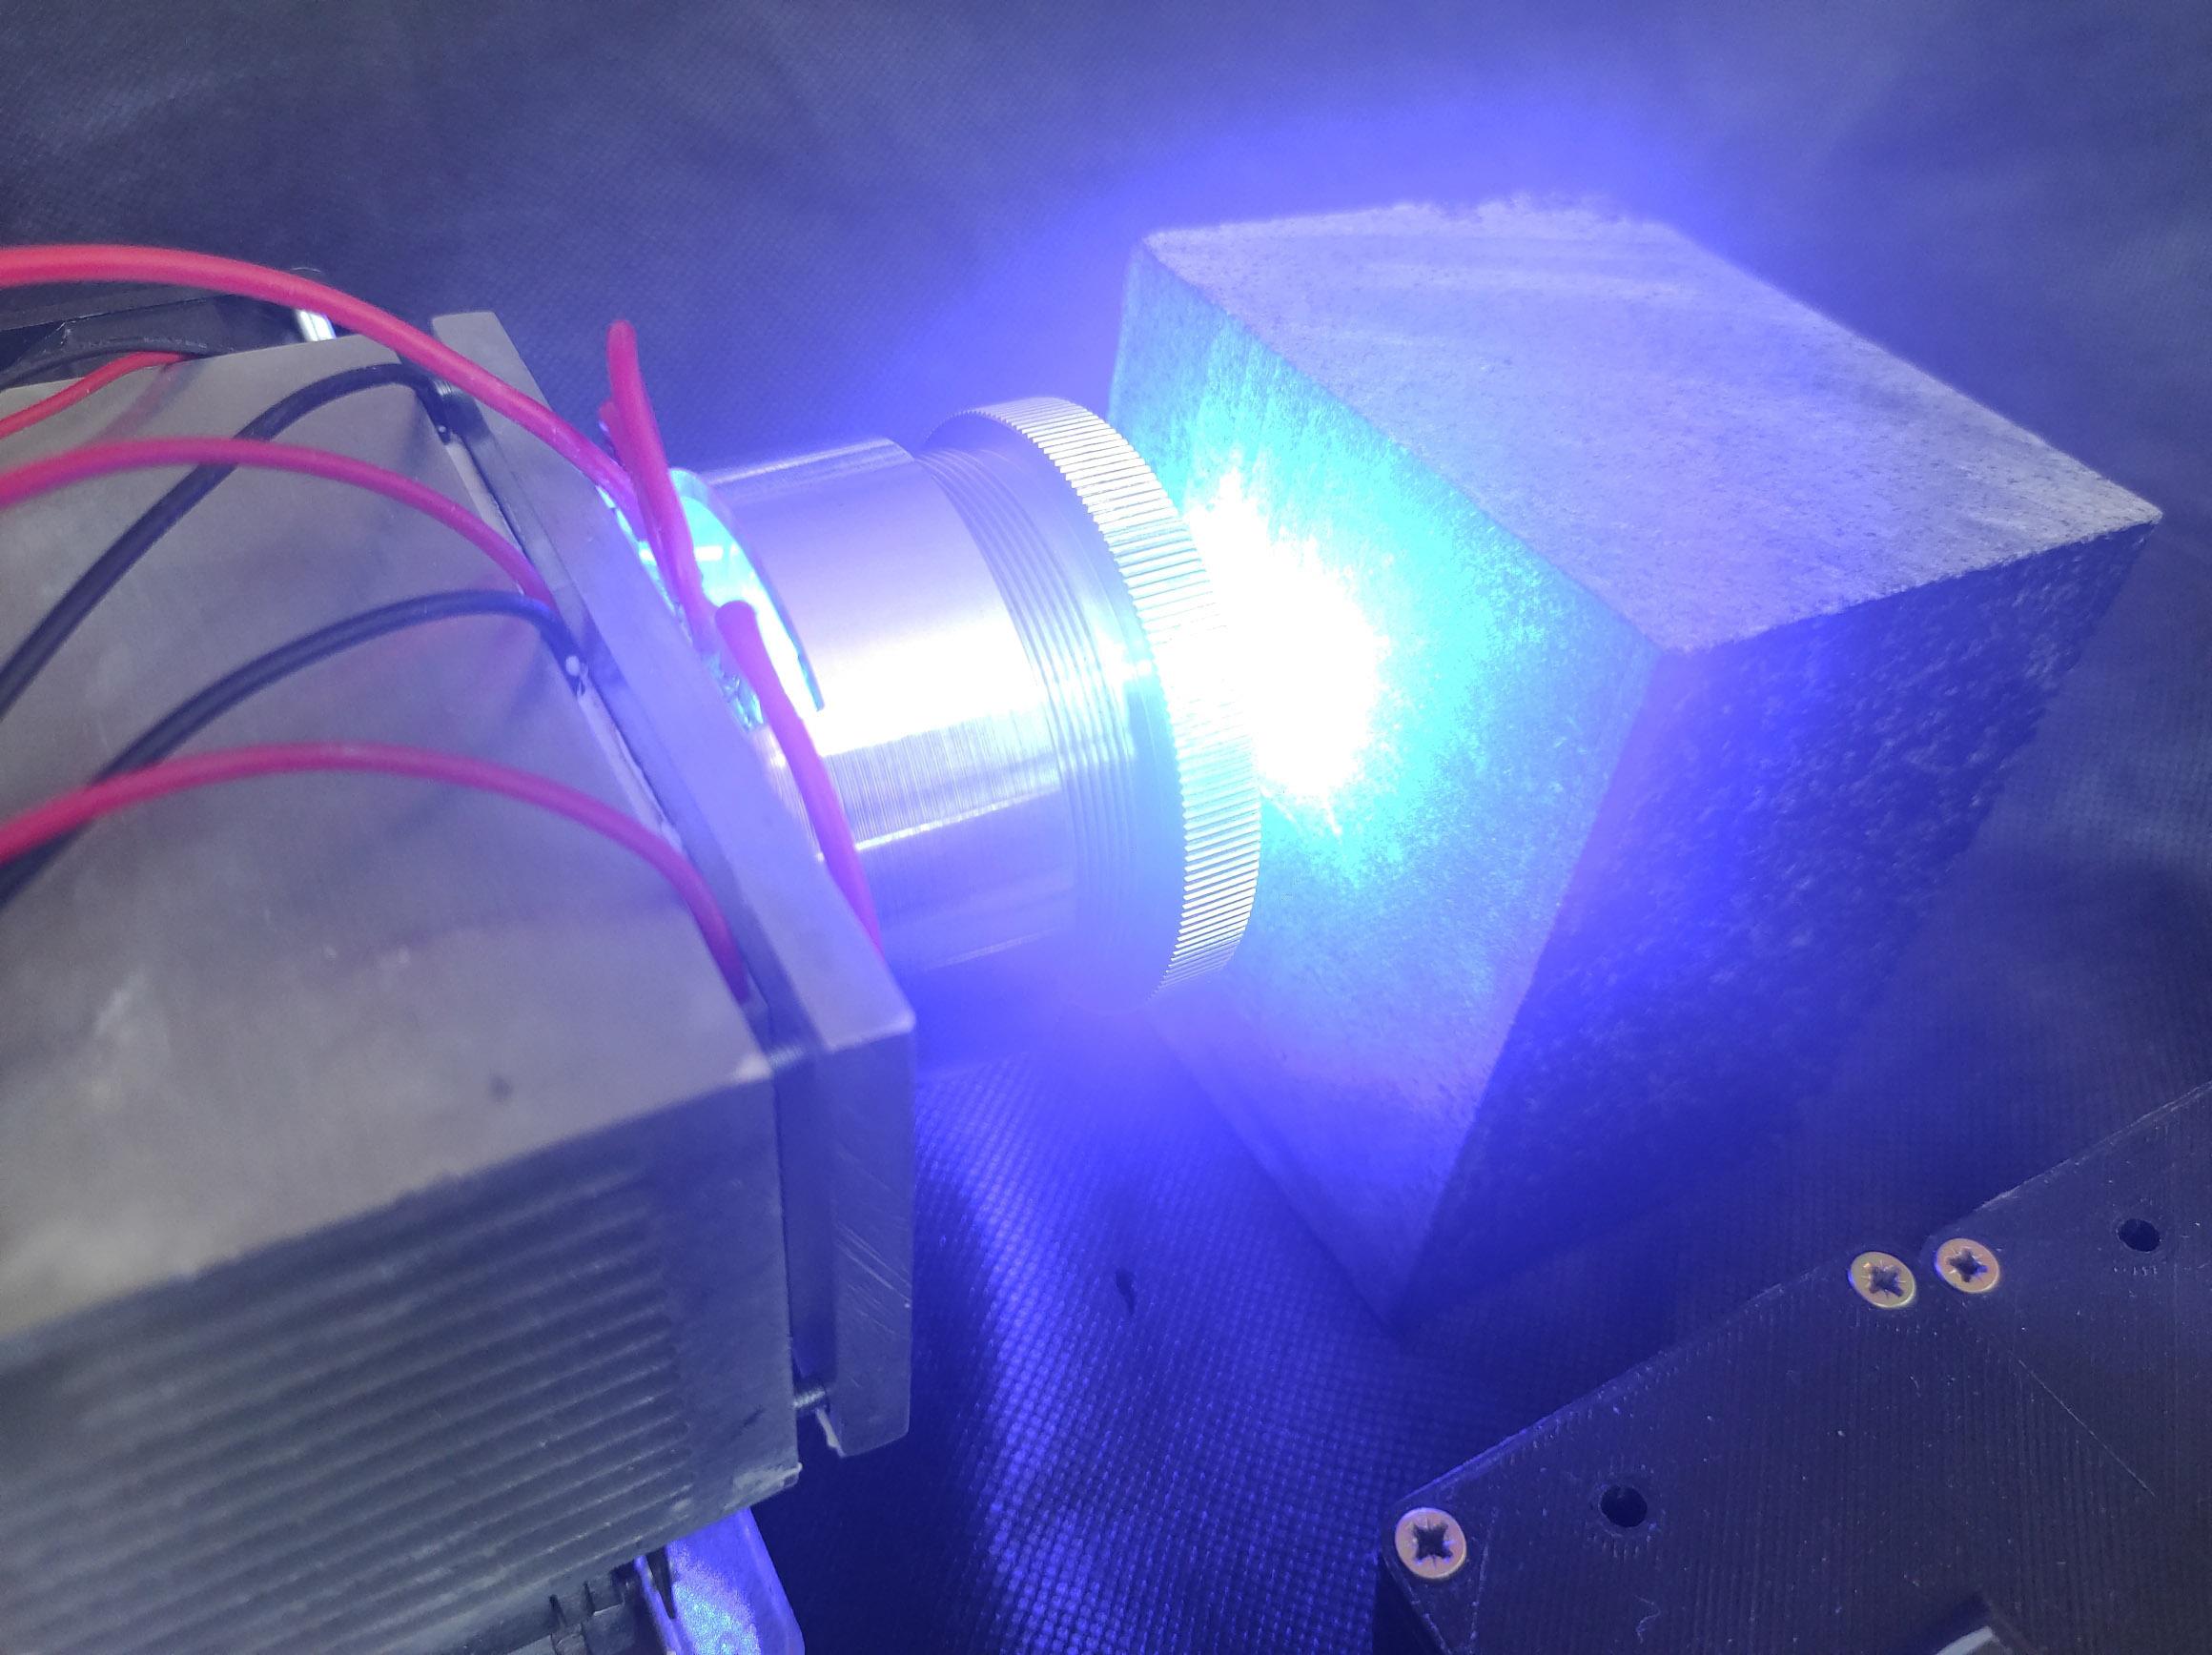 85 watt DIODE laser